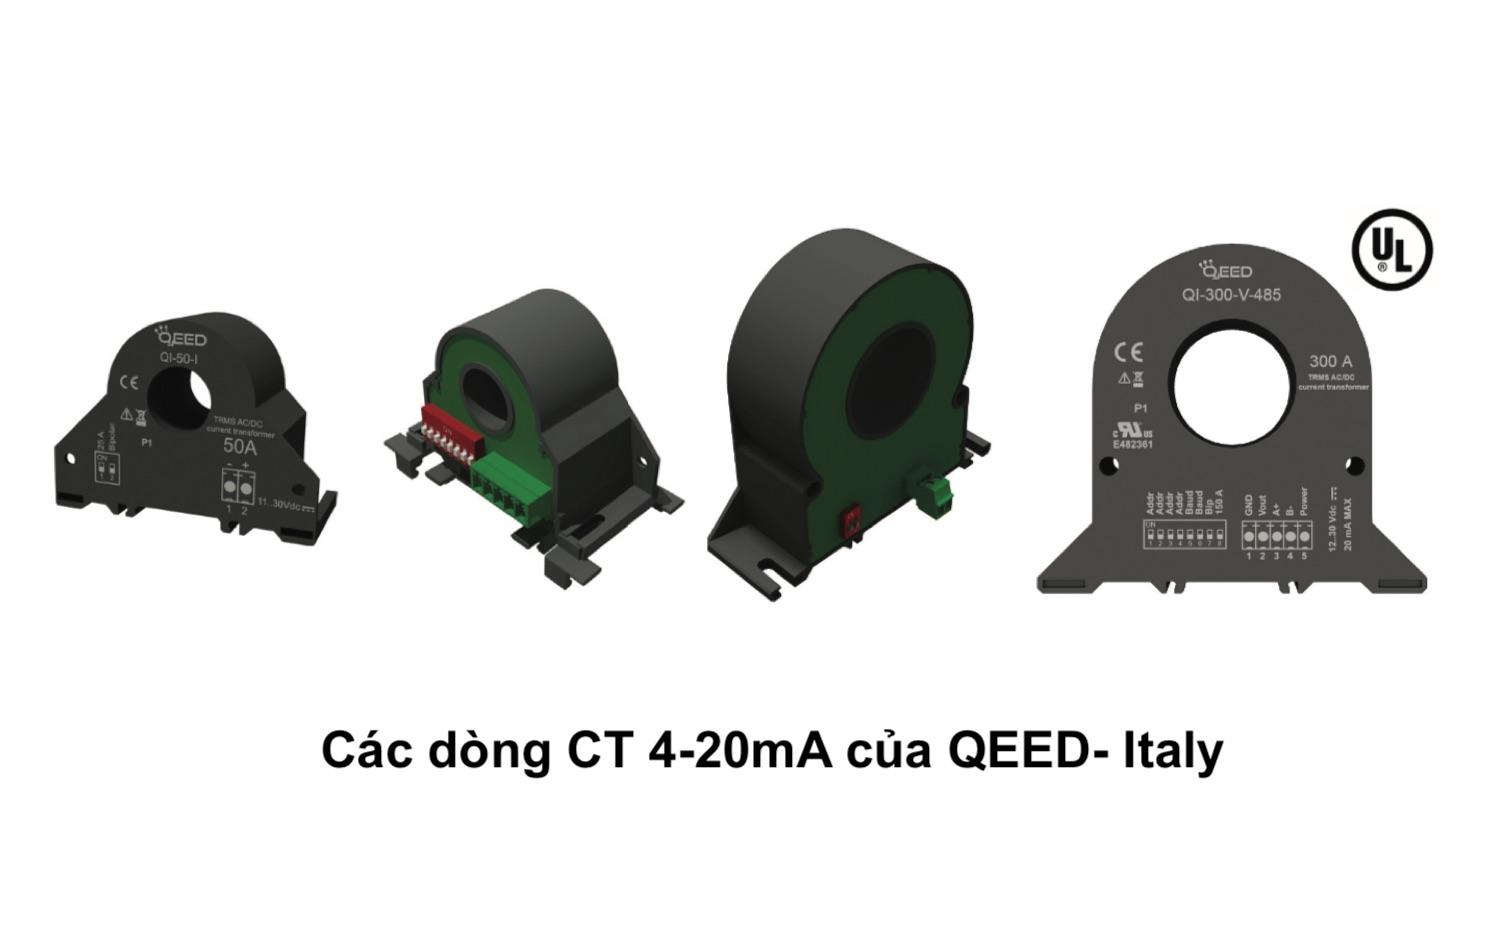 CT dòng ( Biến dòng) Qi-50-i